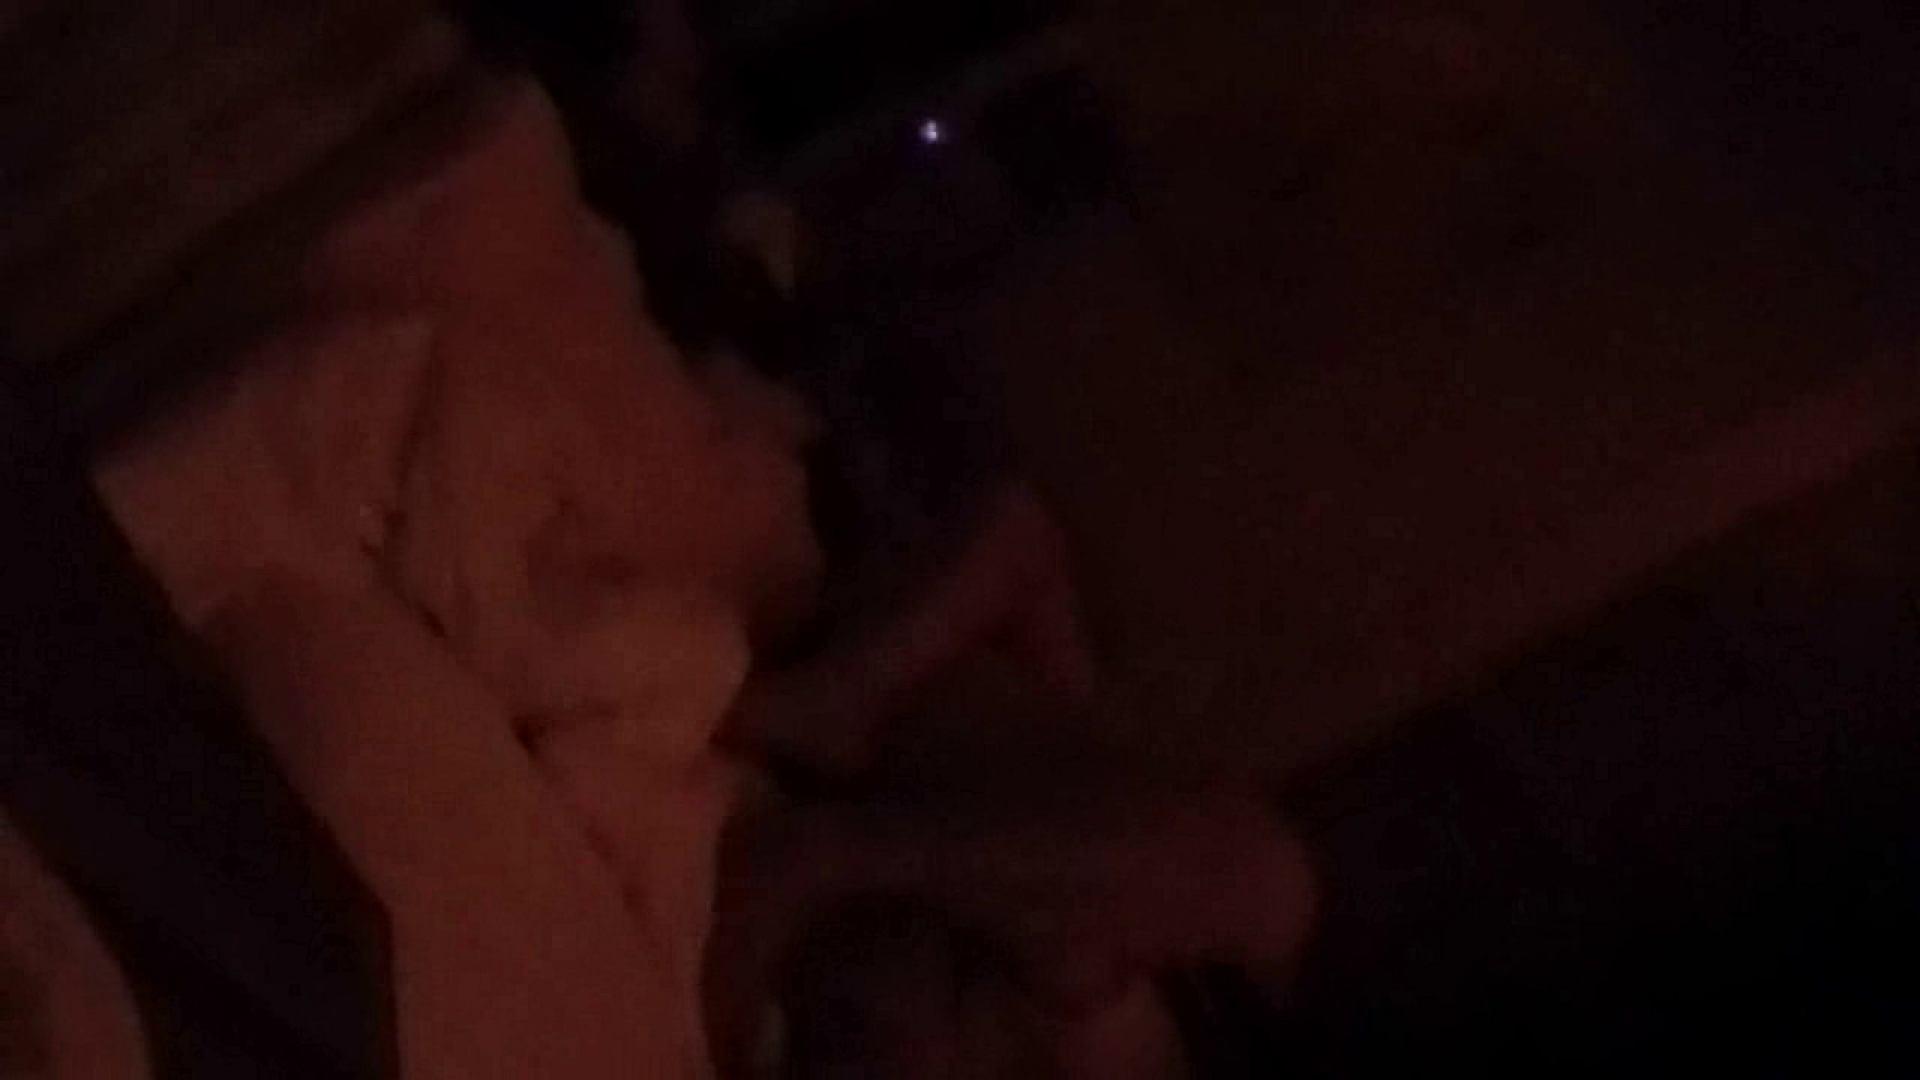 身内撮り!自宅内隠し撮りシリーズ Vol.04 ギャルズ オメコ無修正動画無料 65画像 20